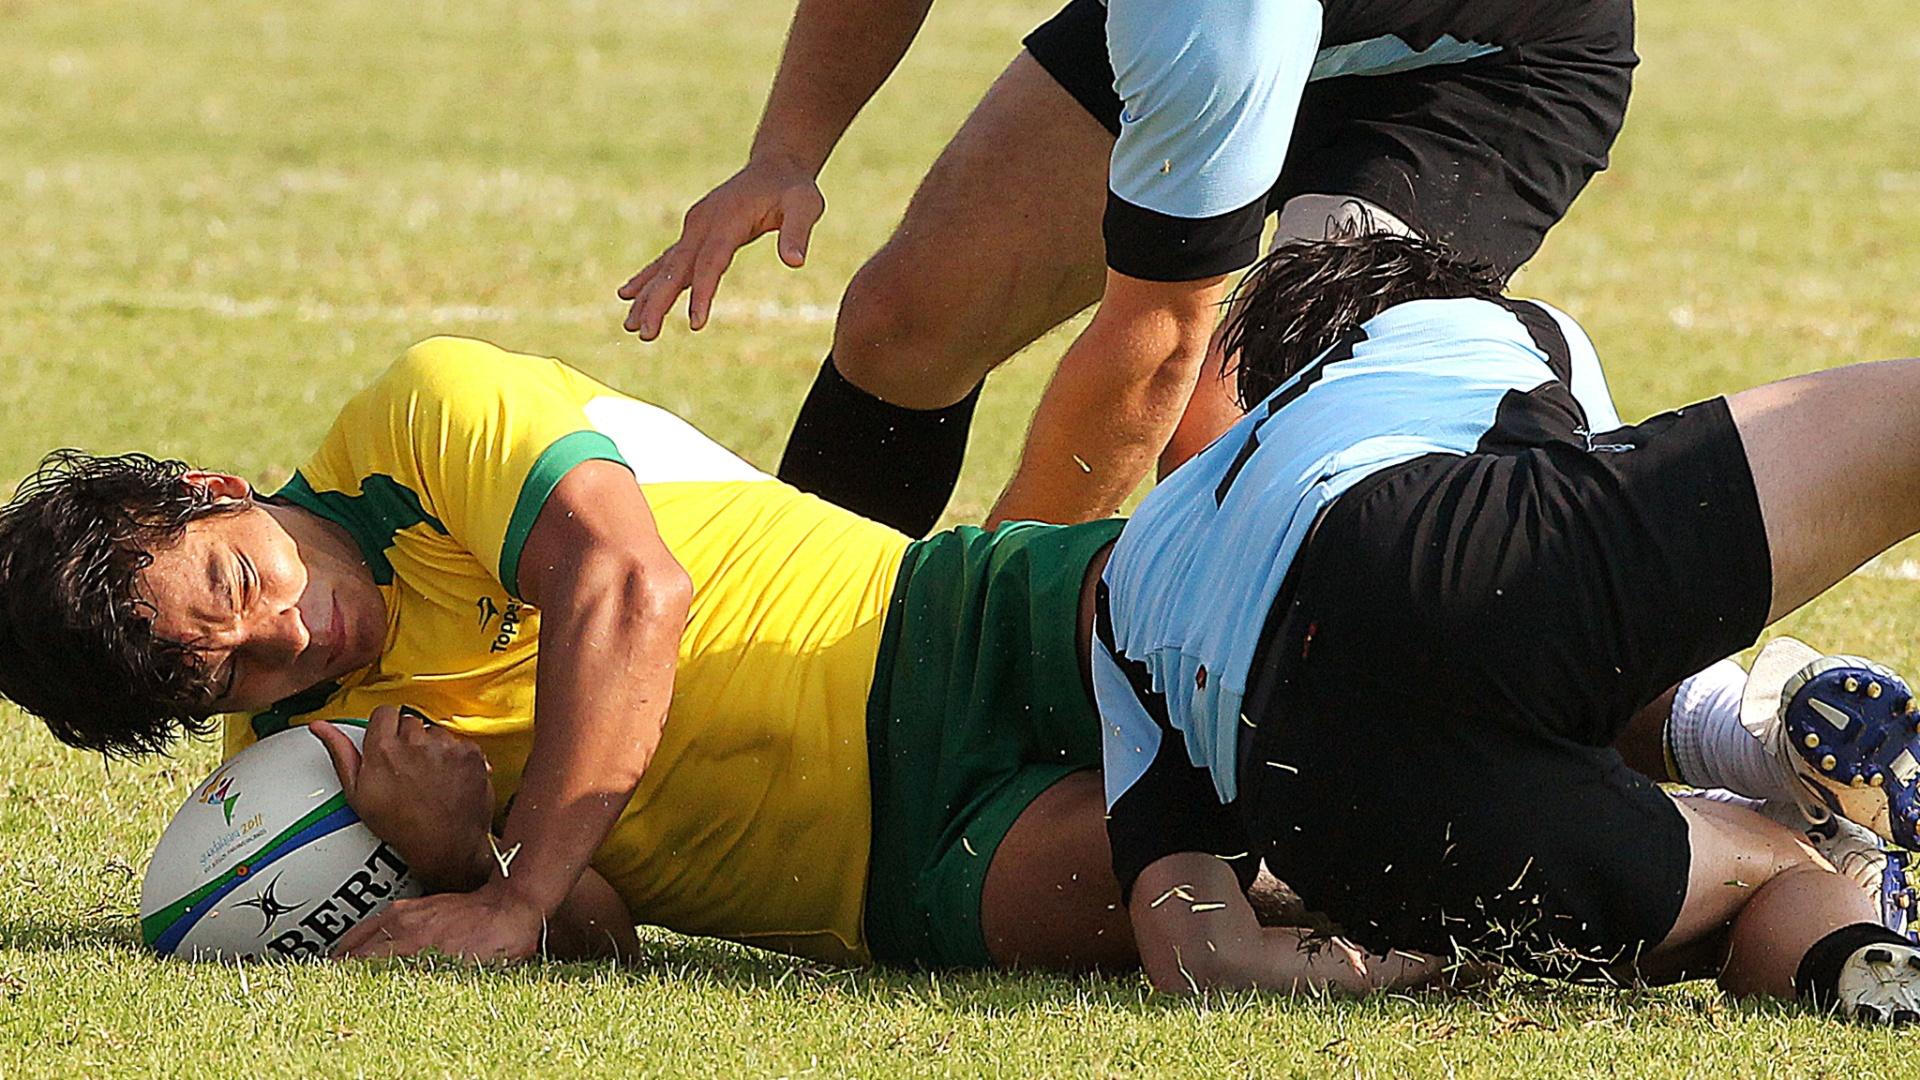 A seleção brasileira perdeu para o Uruguai e lamentou '1 a 0 suado' no rúgbi (30/10/2011)